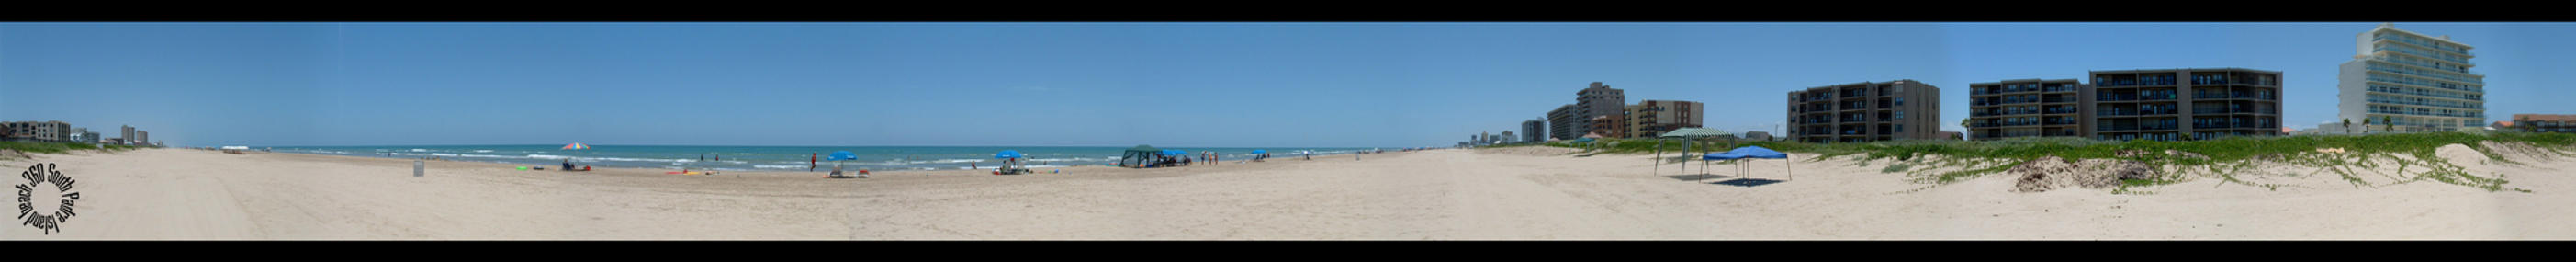 Beach 360 Panaramic by todd587